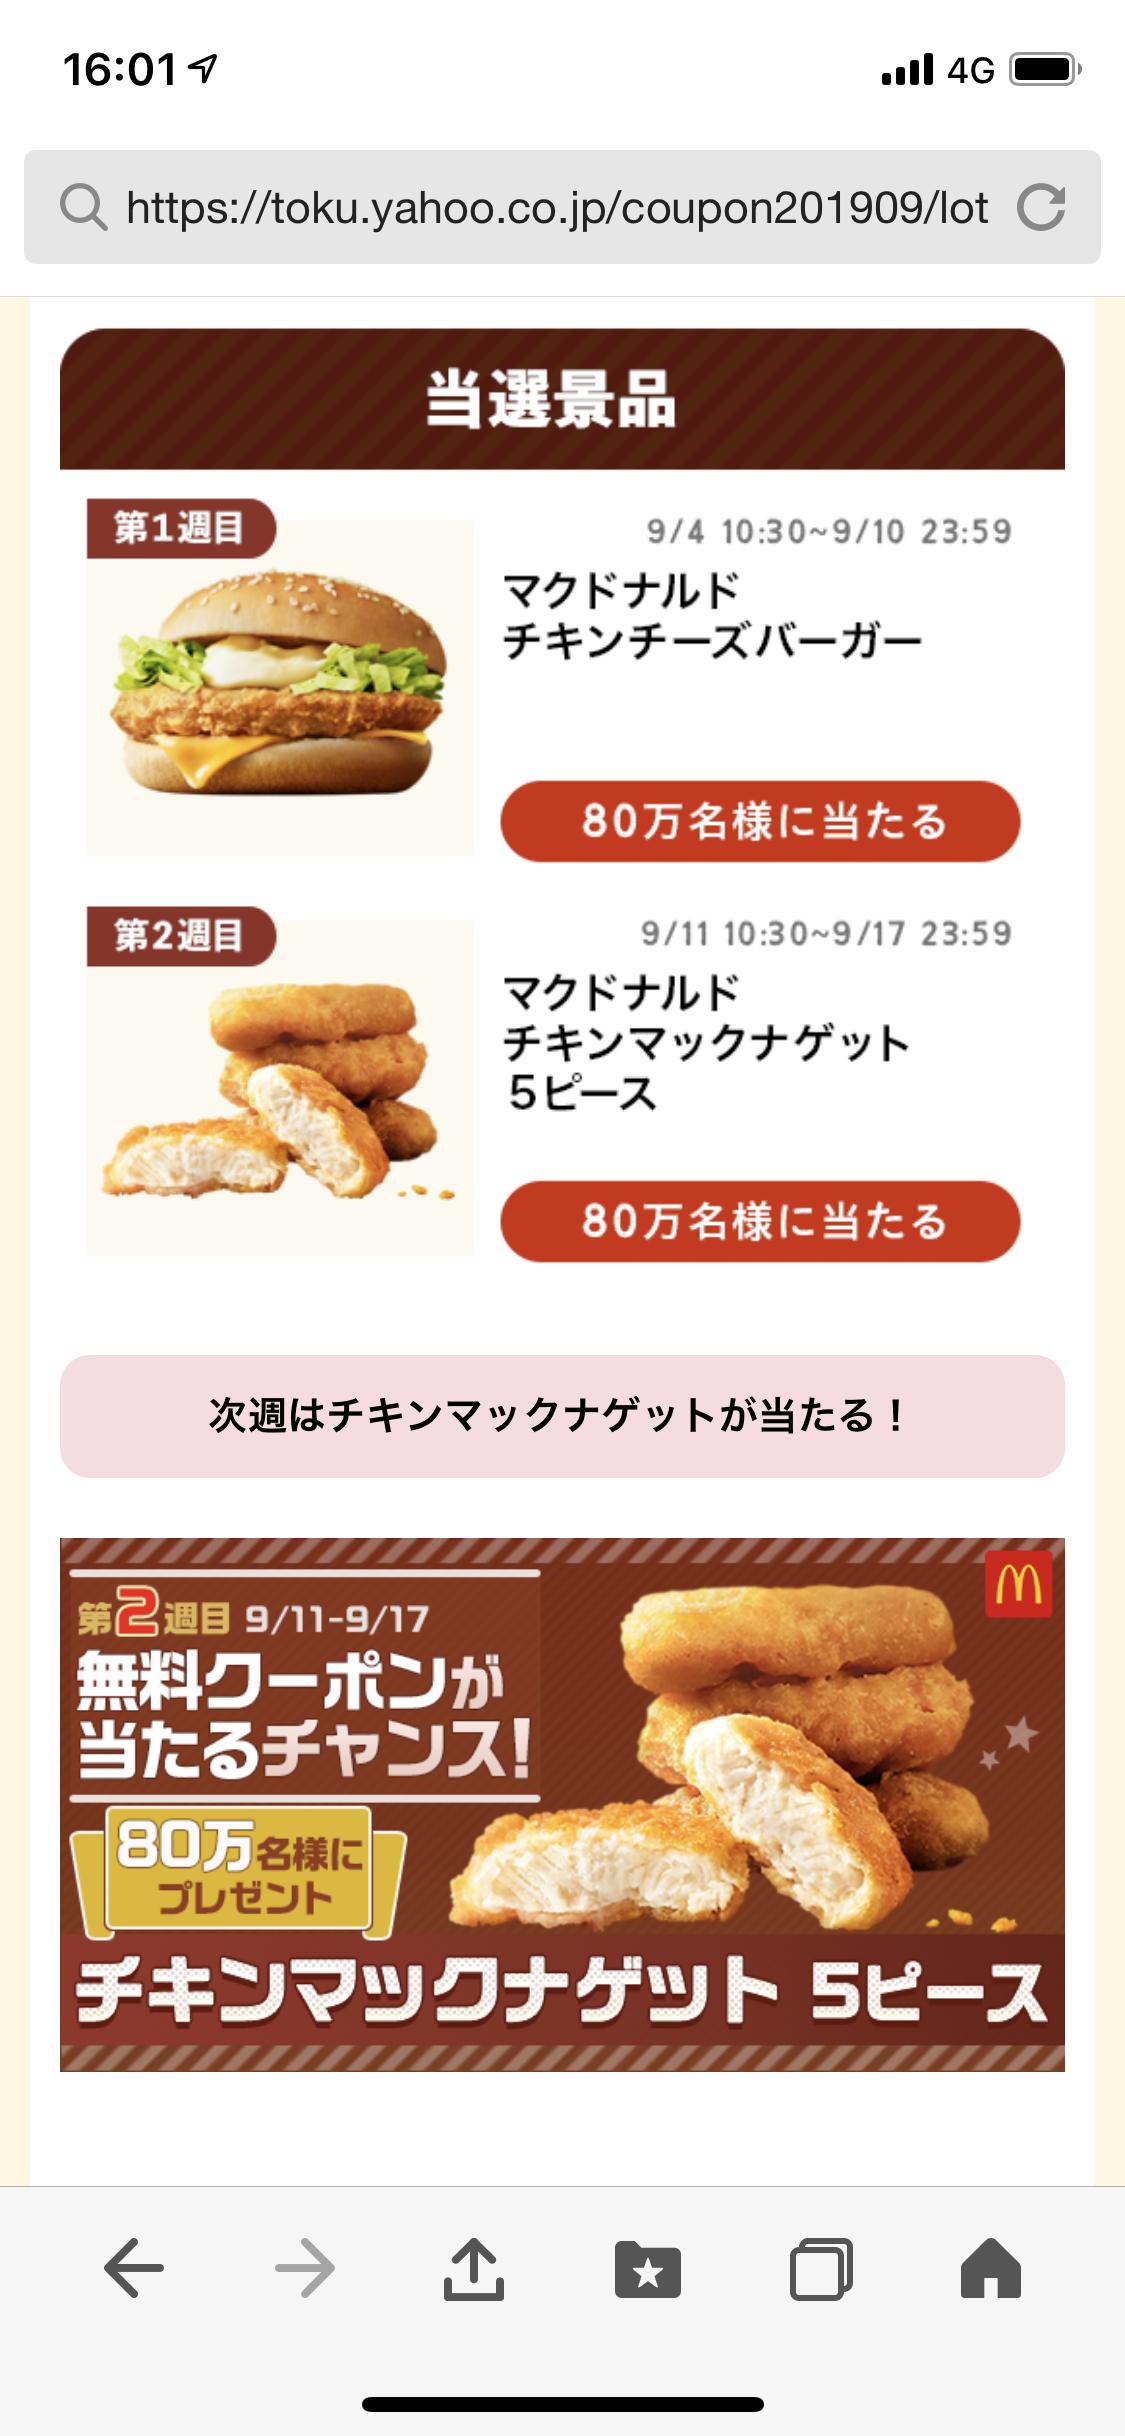 アプリの画面2